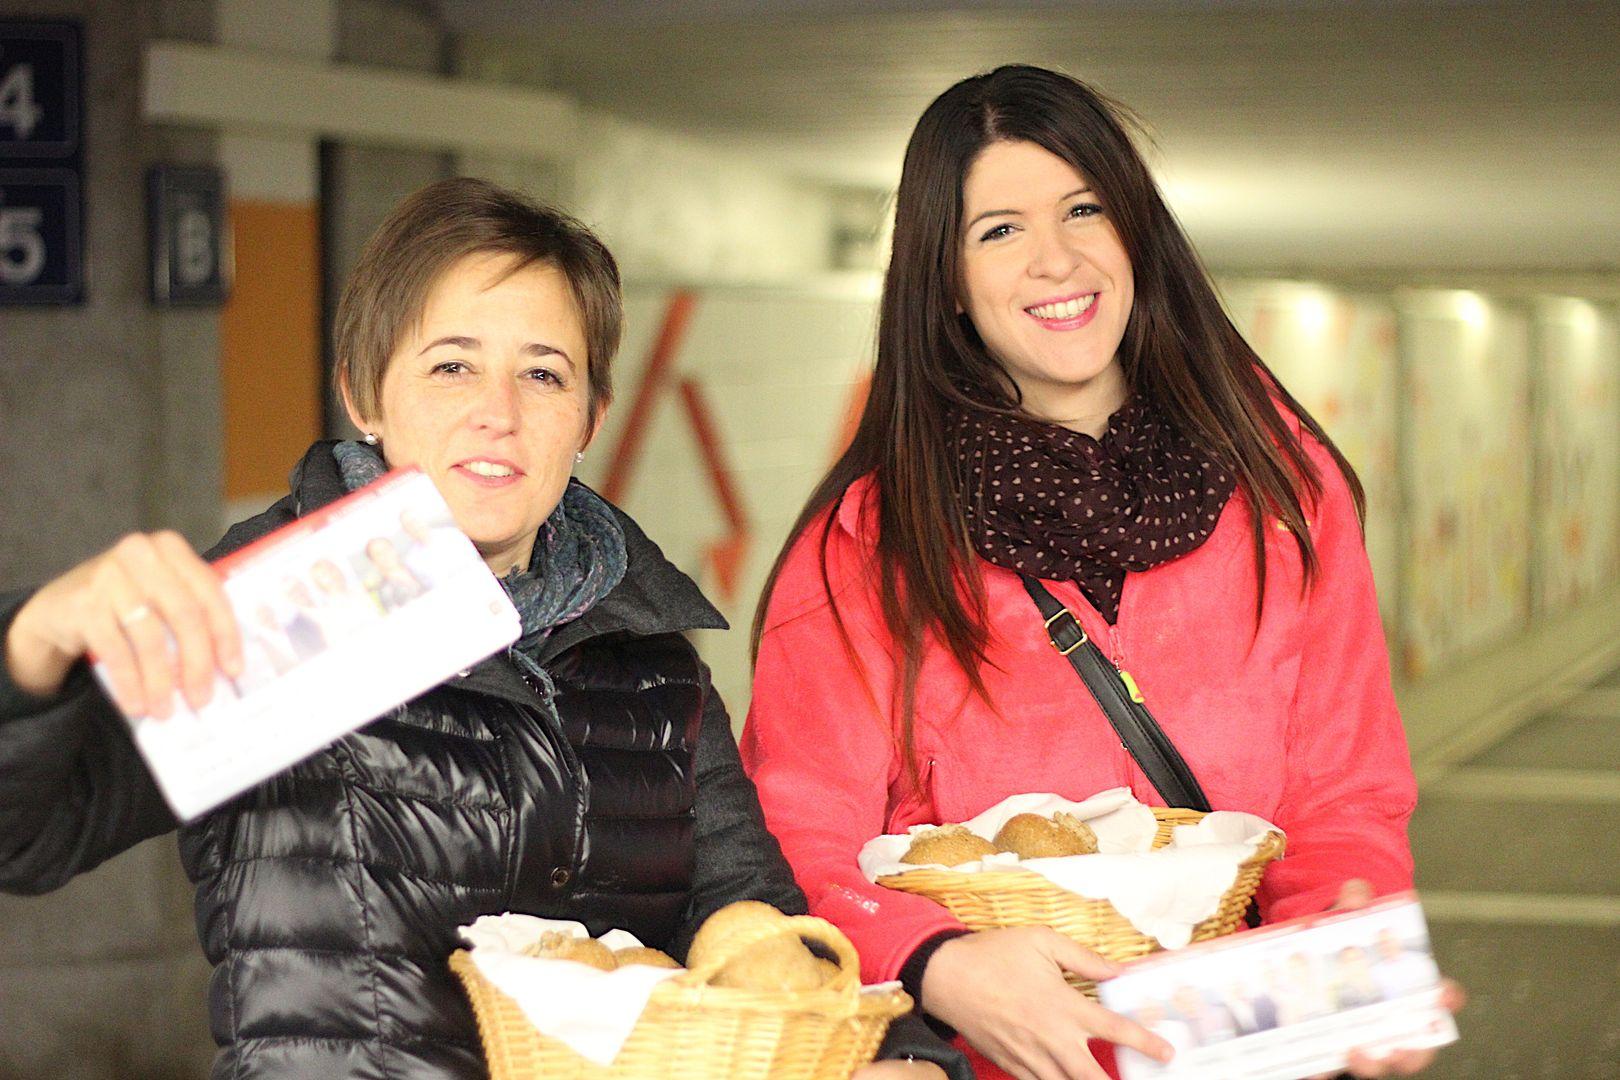 2 octobre 2015: tôt le matin, distribution de petits pains à la gare de Delémont